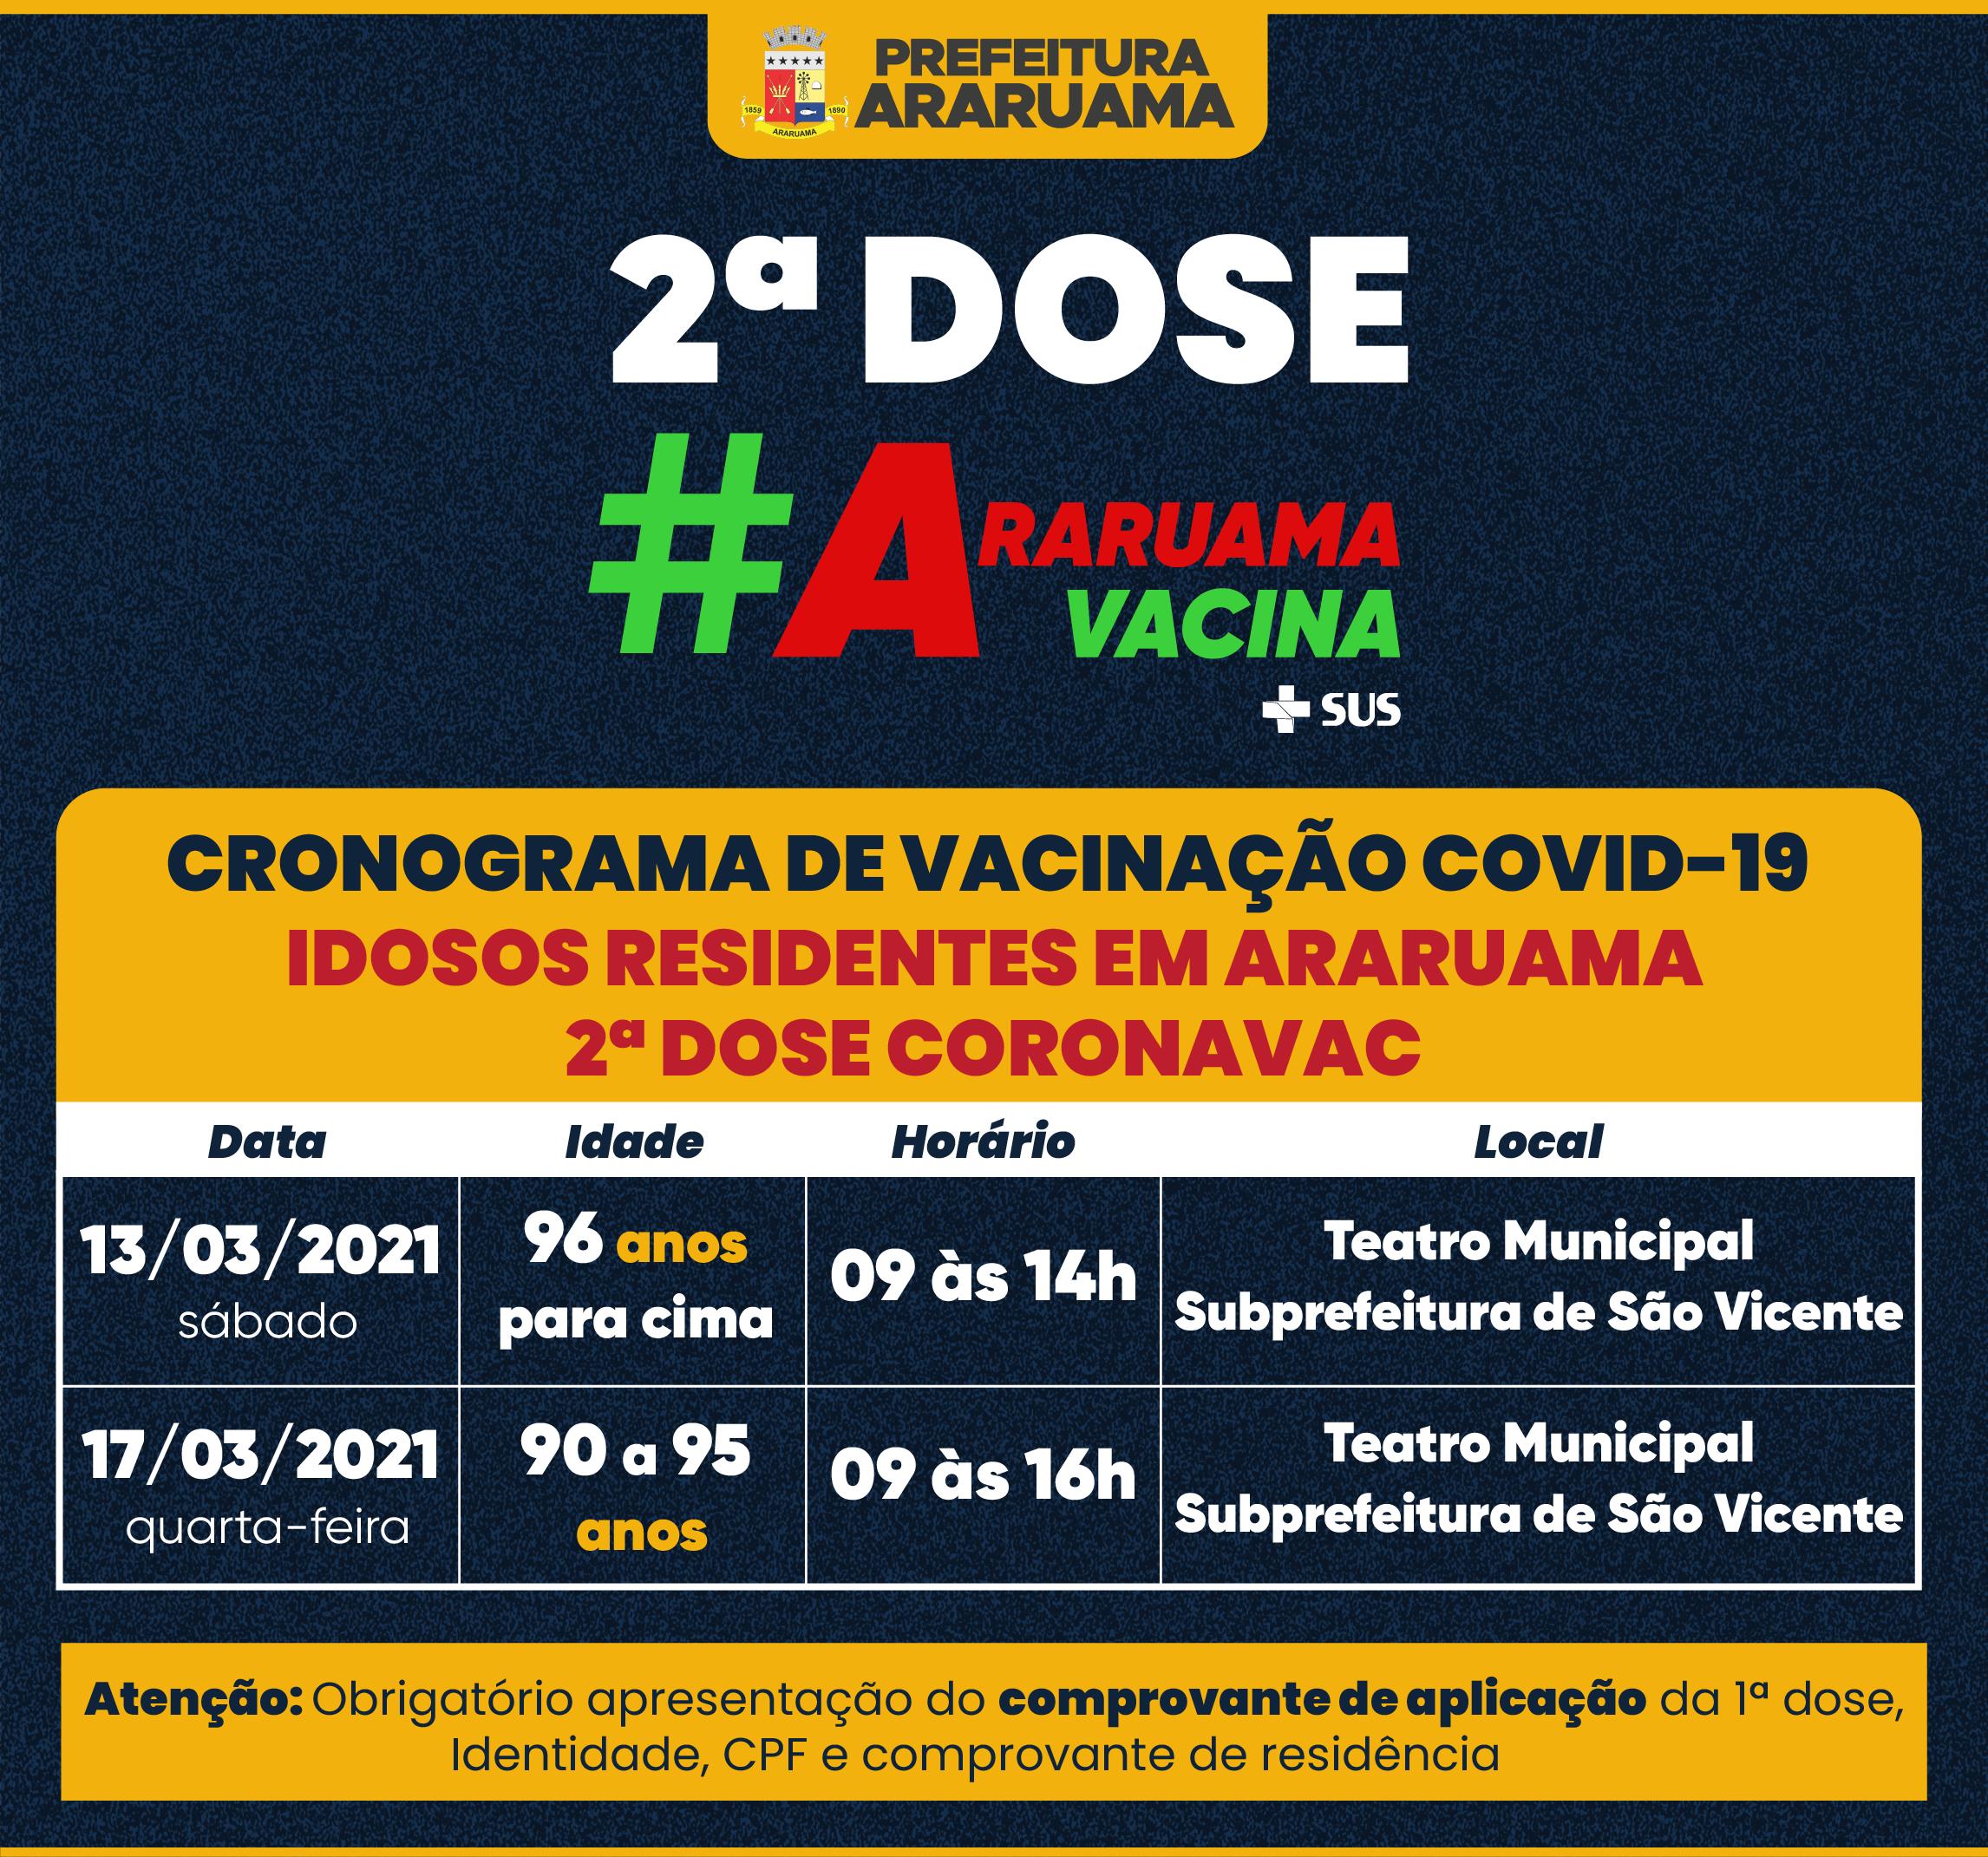 Prefeitura de Araruama divulga cronograma de 2ª Dose da vacina Coronavac para os idosos de 96 anos pra cima e de 90 a 95 anos.